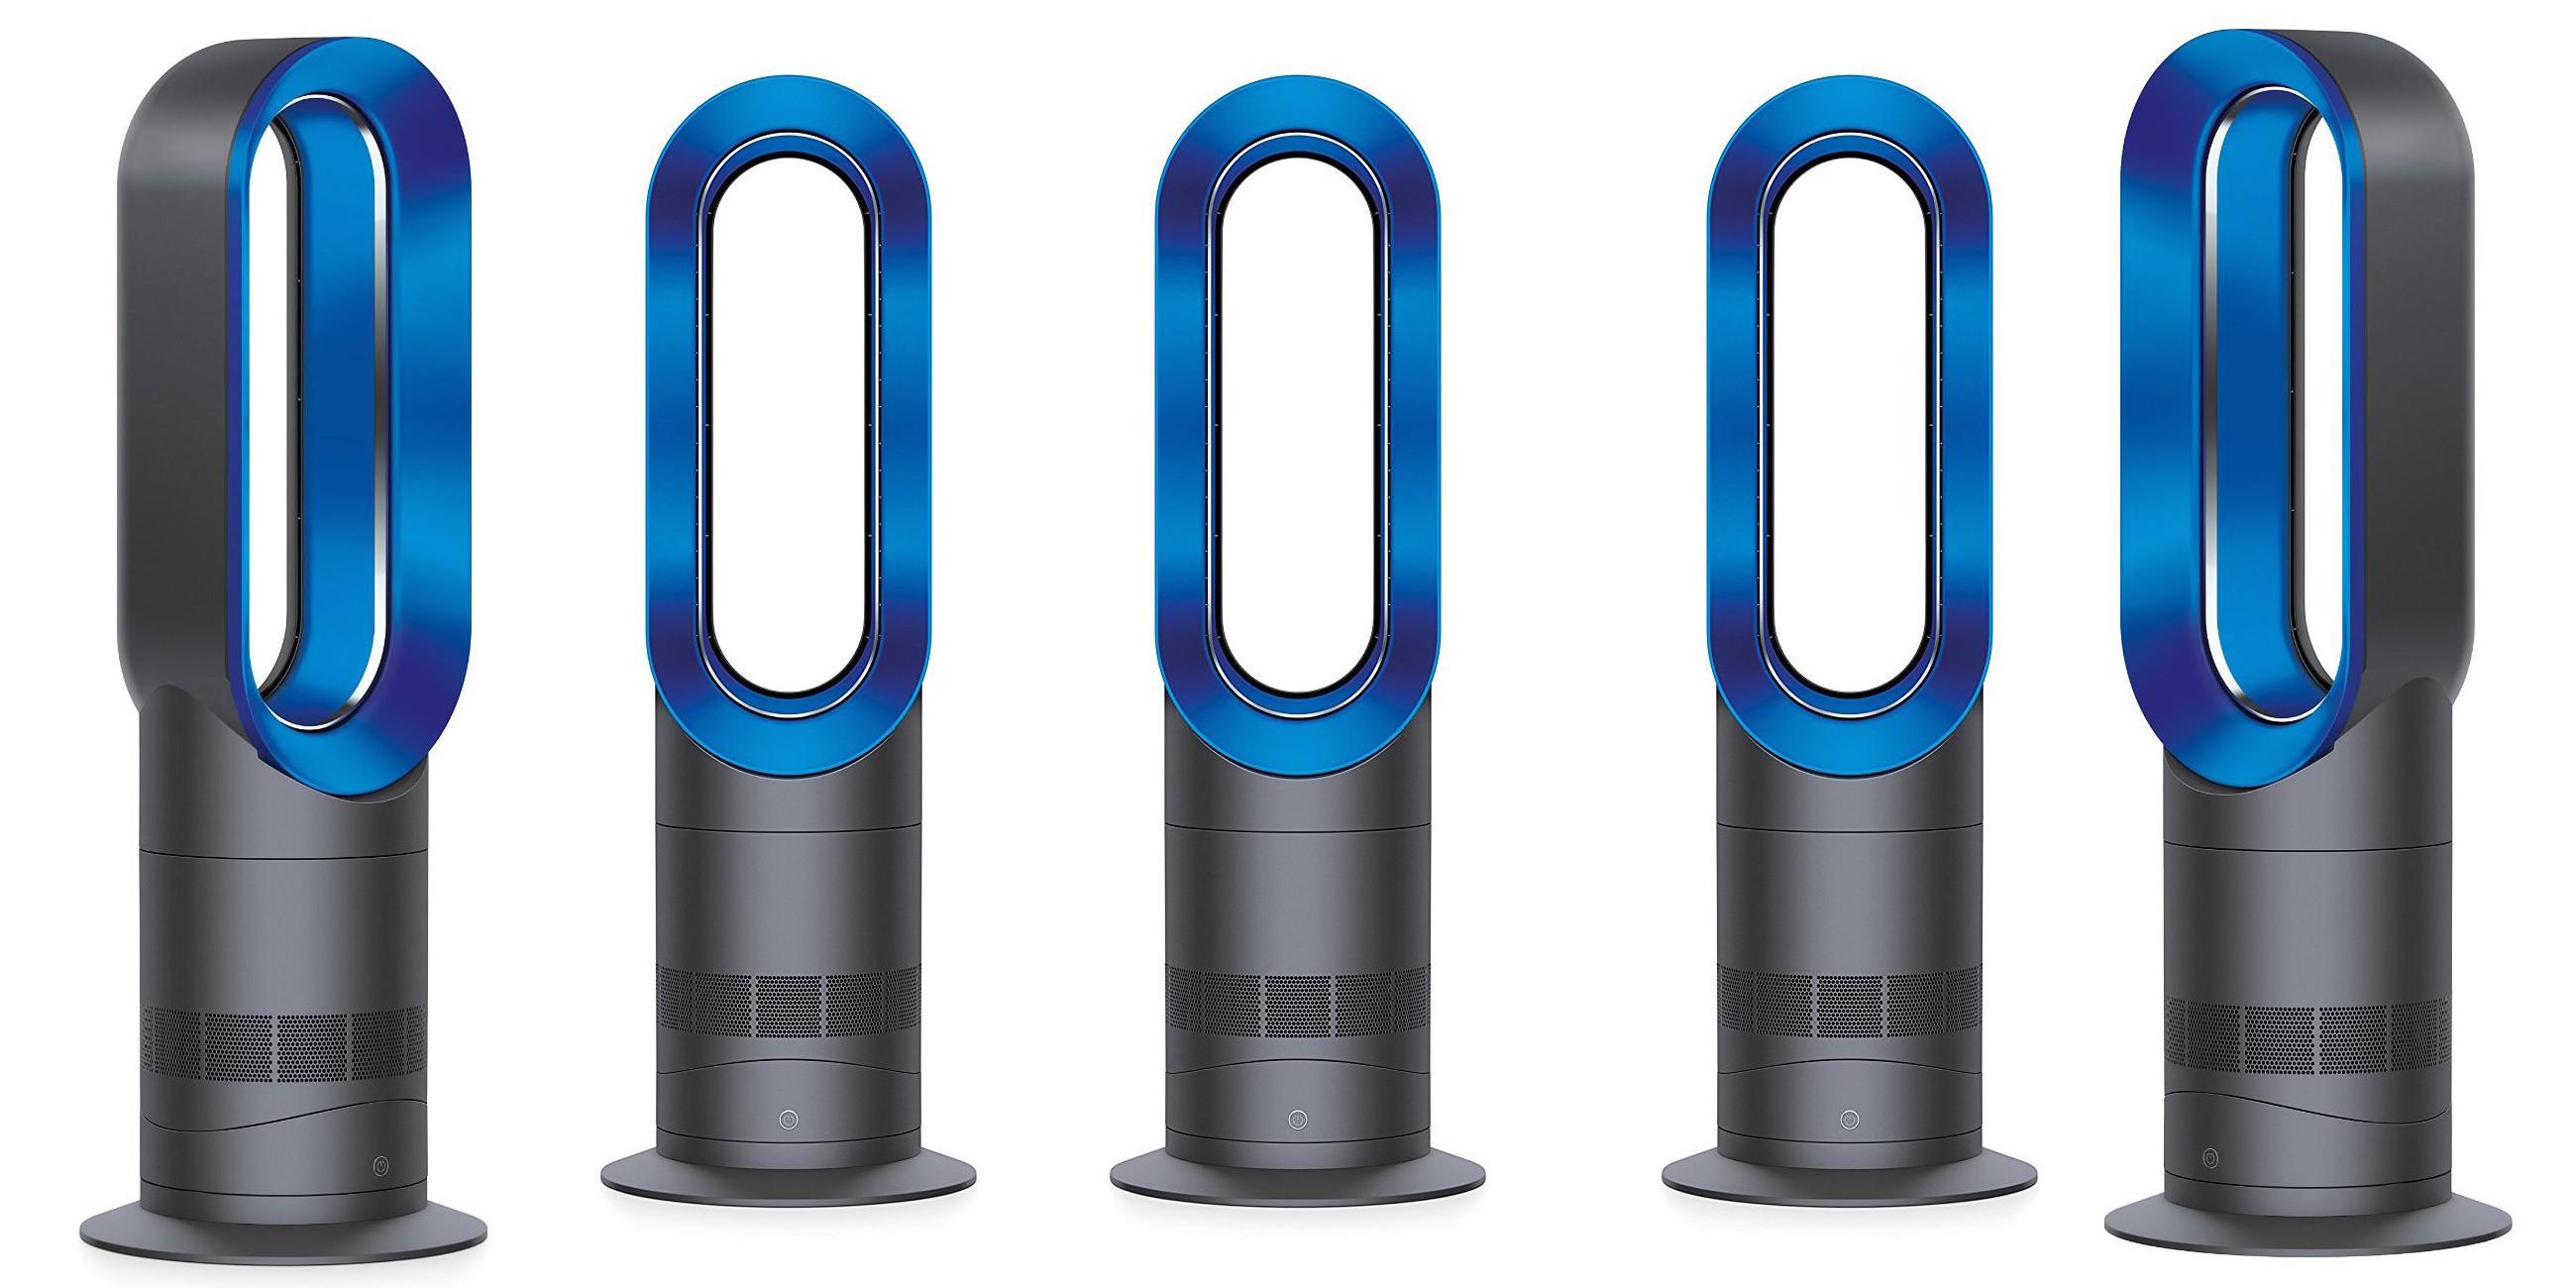 Dyson hot cool как охлаждает беспроводной пылесос дайсон dc35 купить